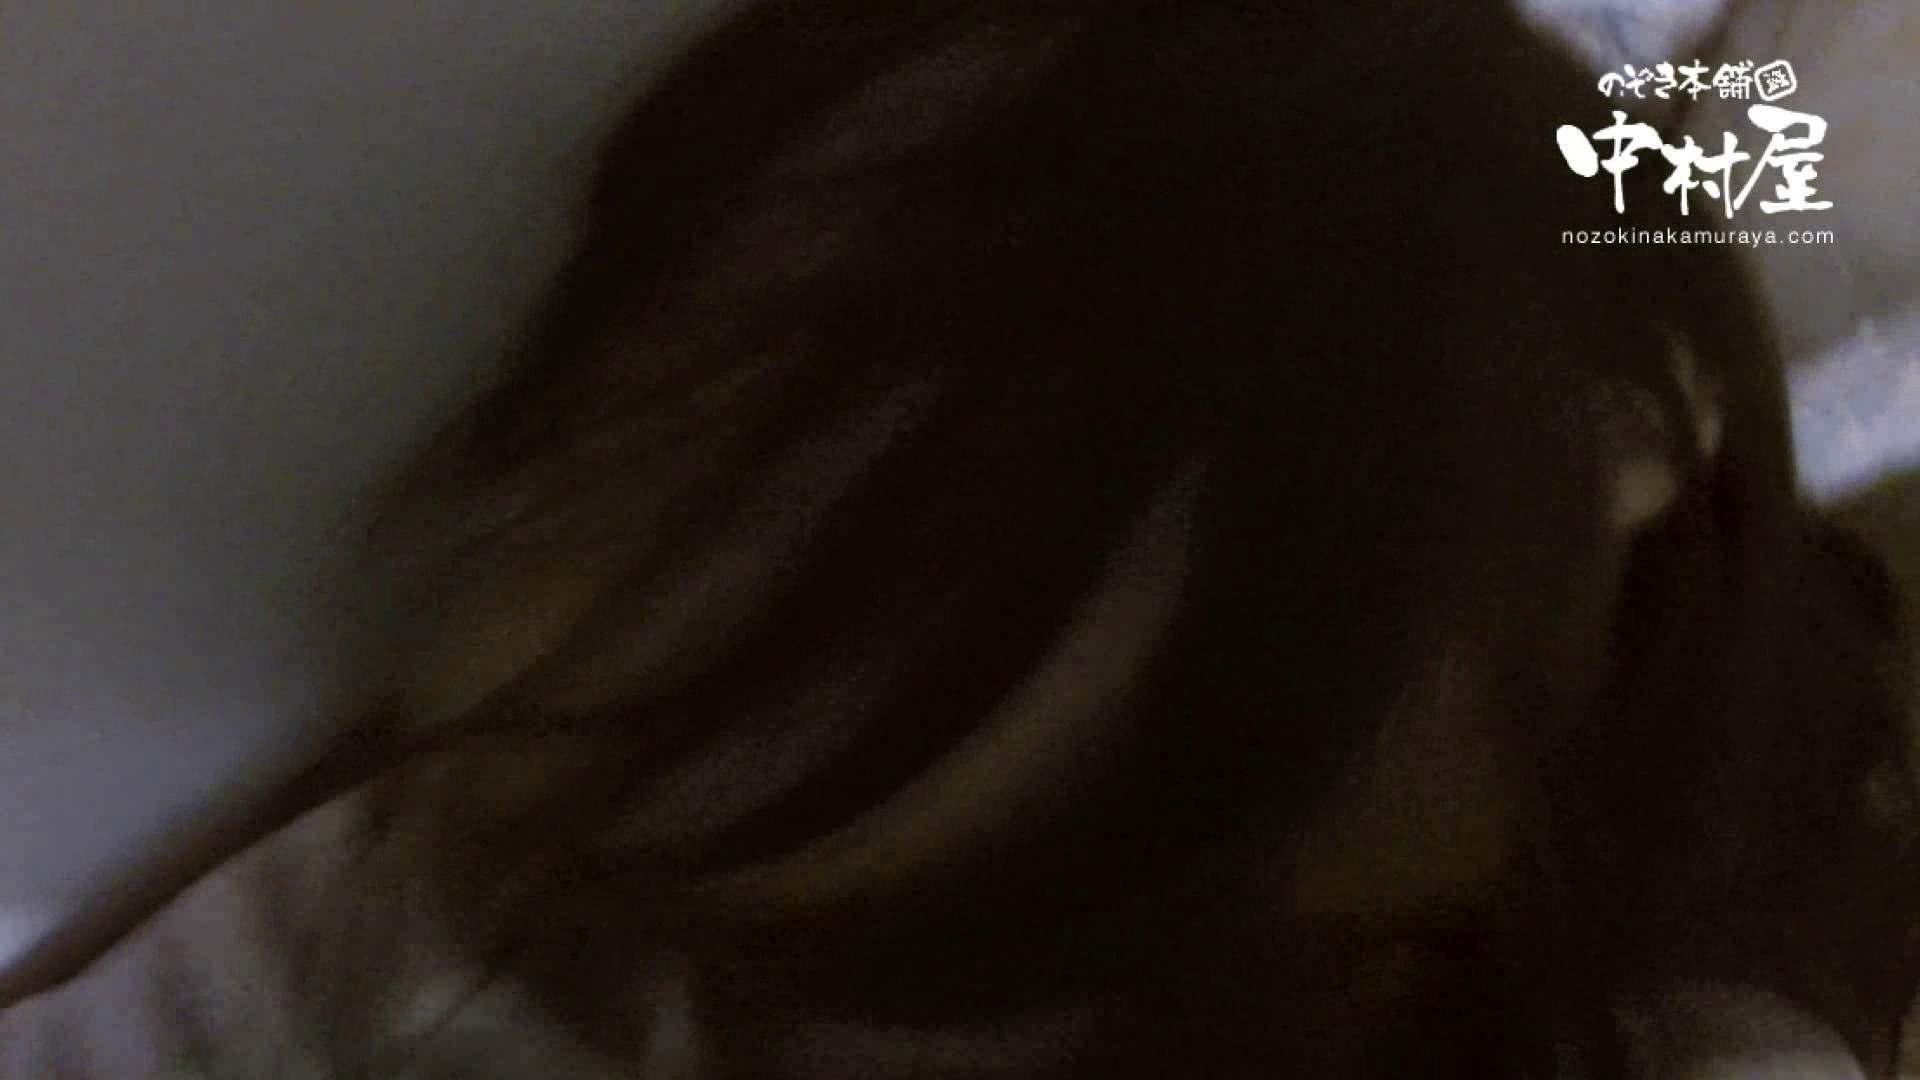 鬼畜 vol.05 誰にも言うなよ! はぃ… 後編 エッチなセックス AV無料 91画像 83